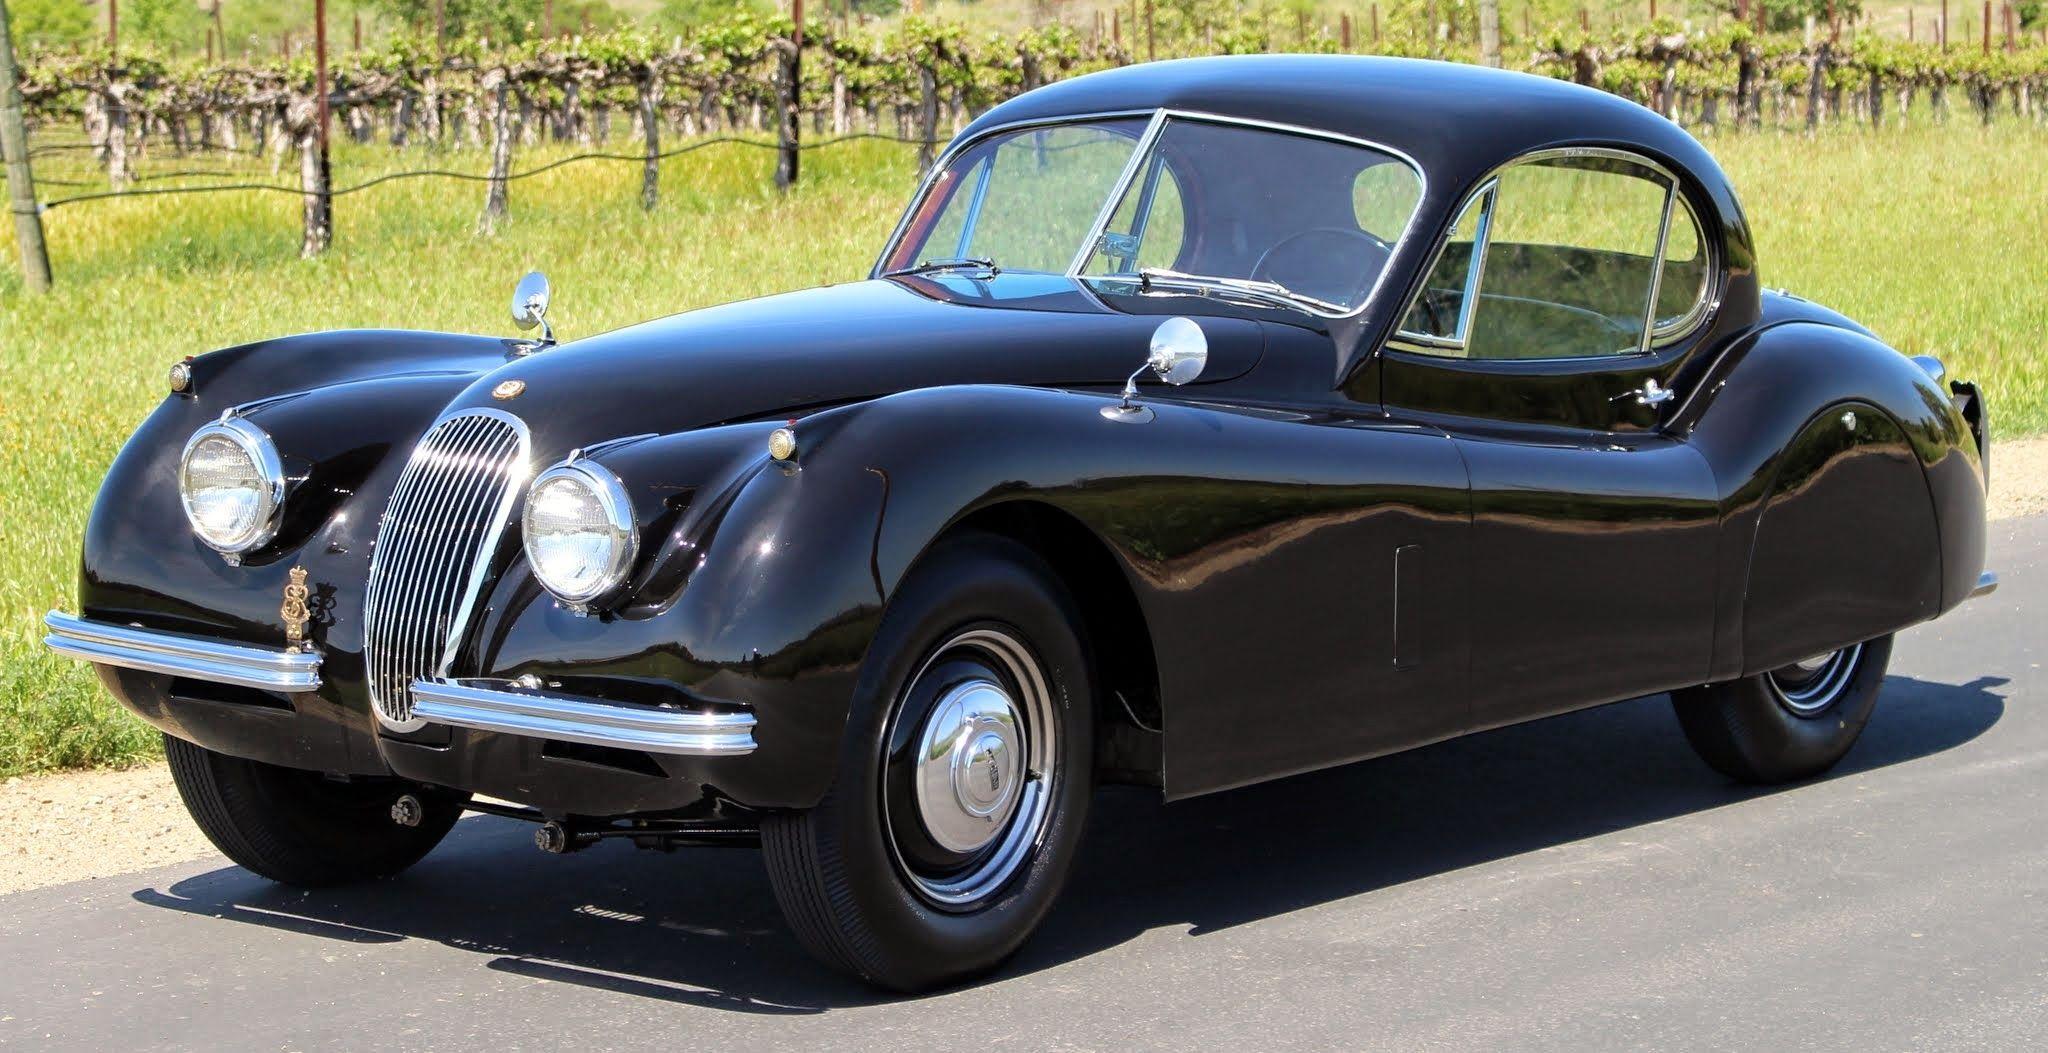 ltd hyman sale roadster archive for vehicles classic jaguar cars sales